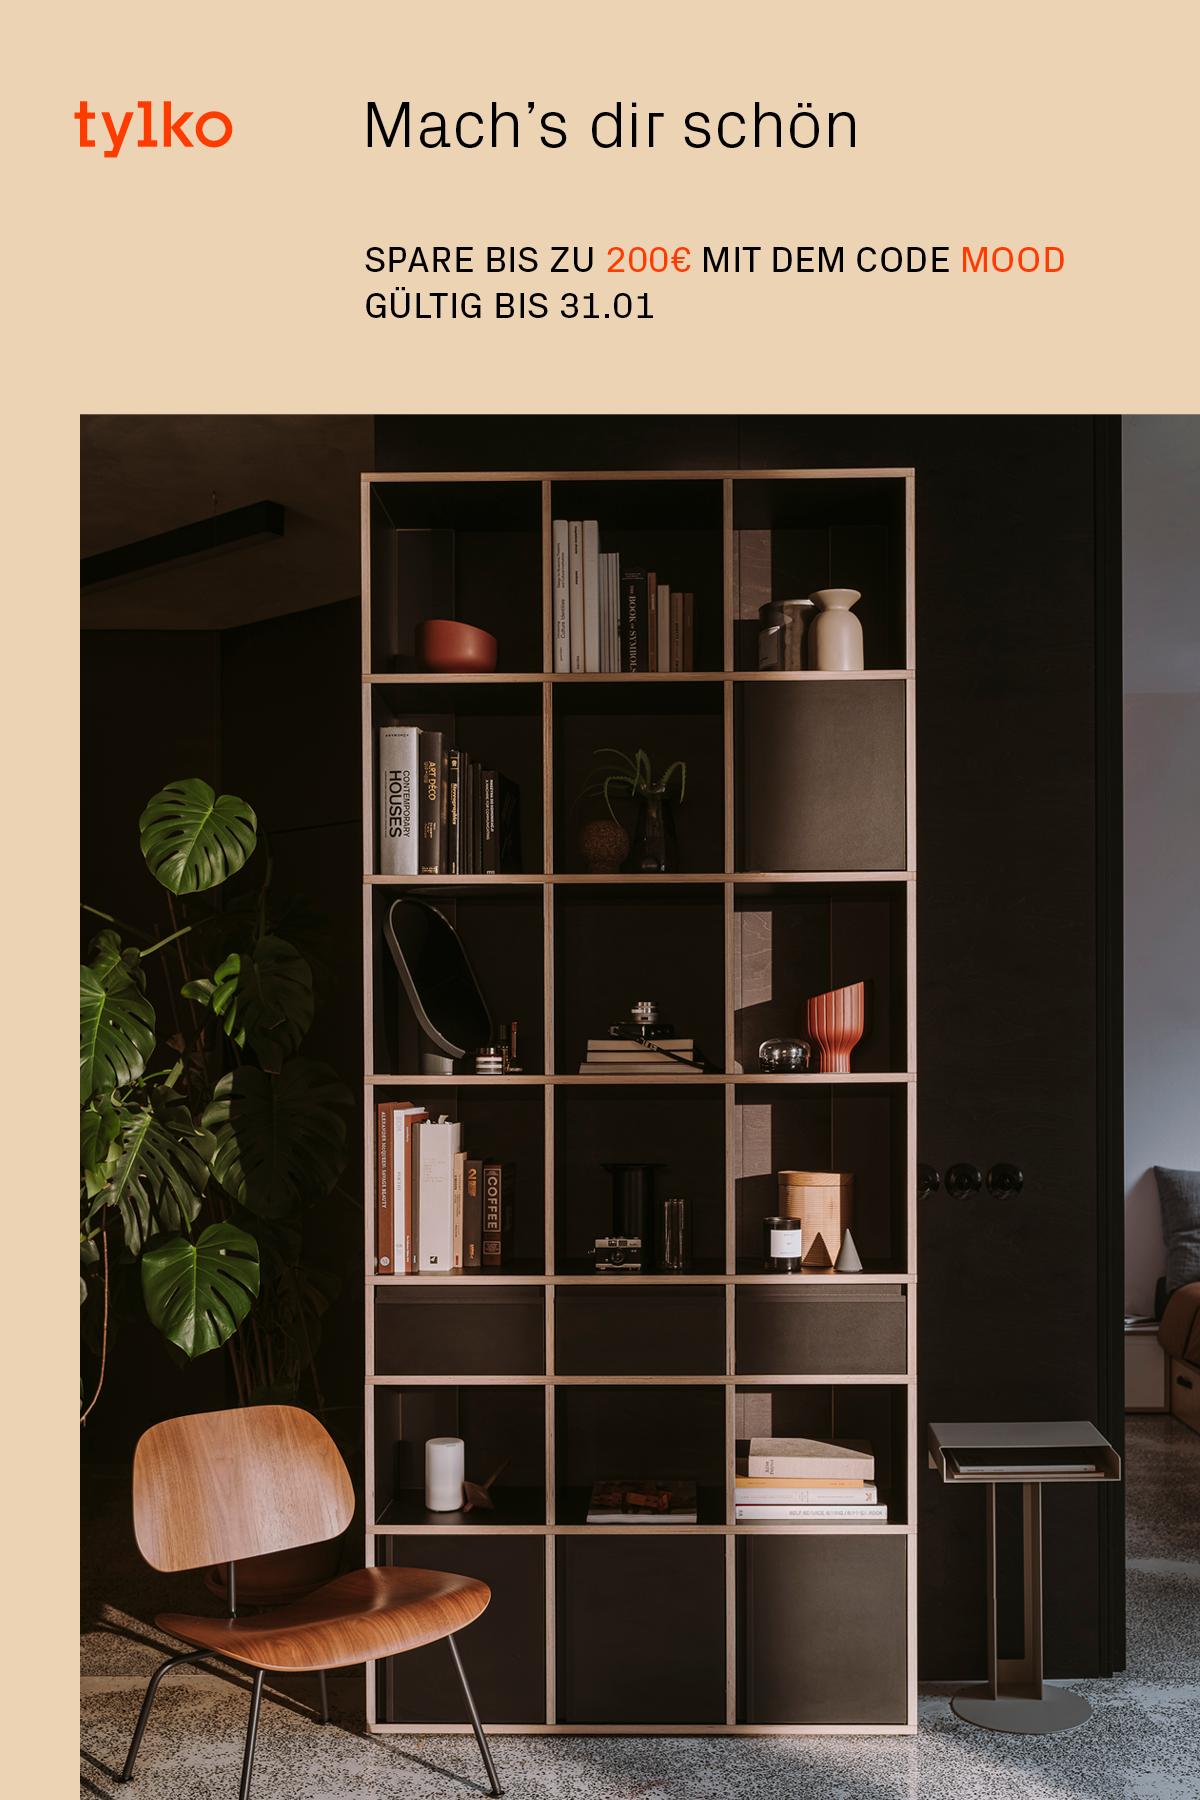 Idee Von Paulina Hafer Auf Traume Aus Raum Und Wunsche Aus Zeit In 2020 Tylko Regal Regal Deko Design